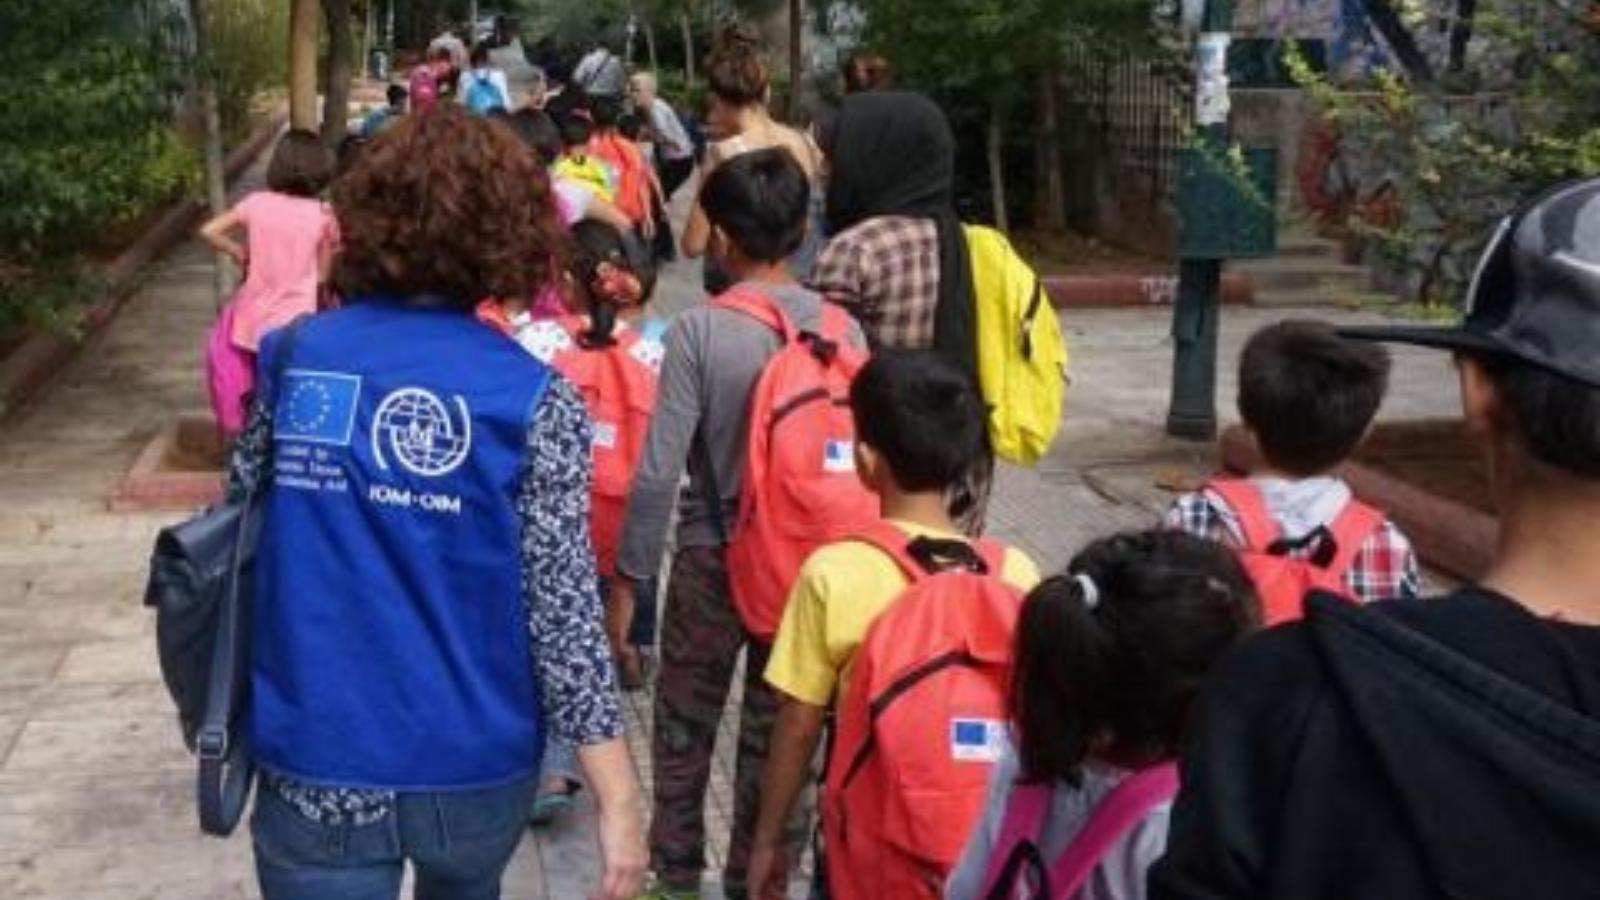 La pandemia ha aumentado el riesgo de trata para los menores de edad: OIM